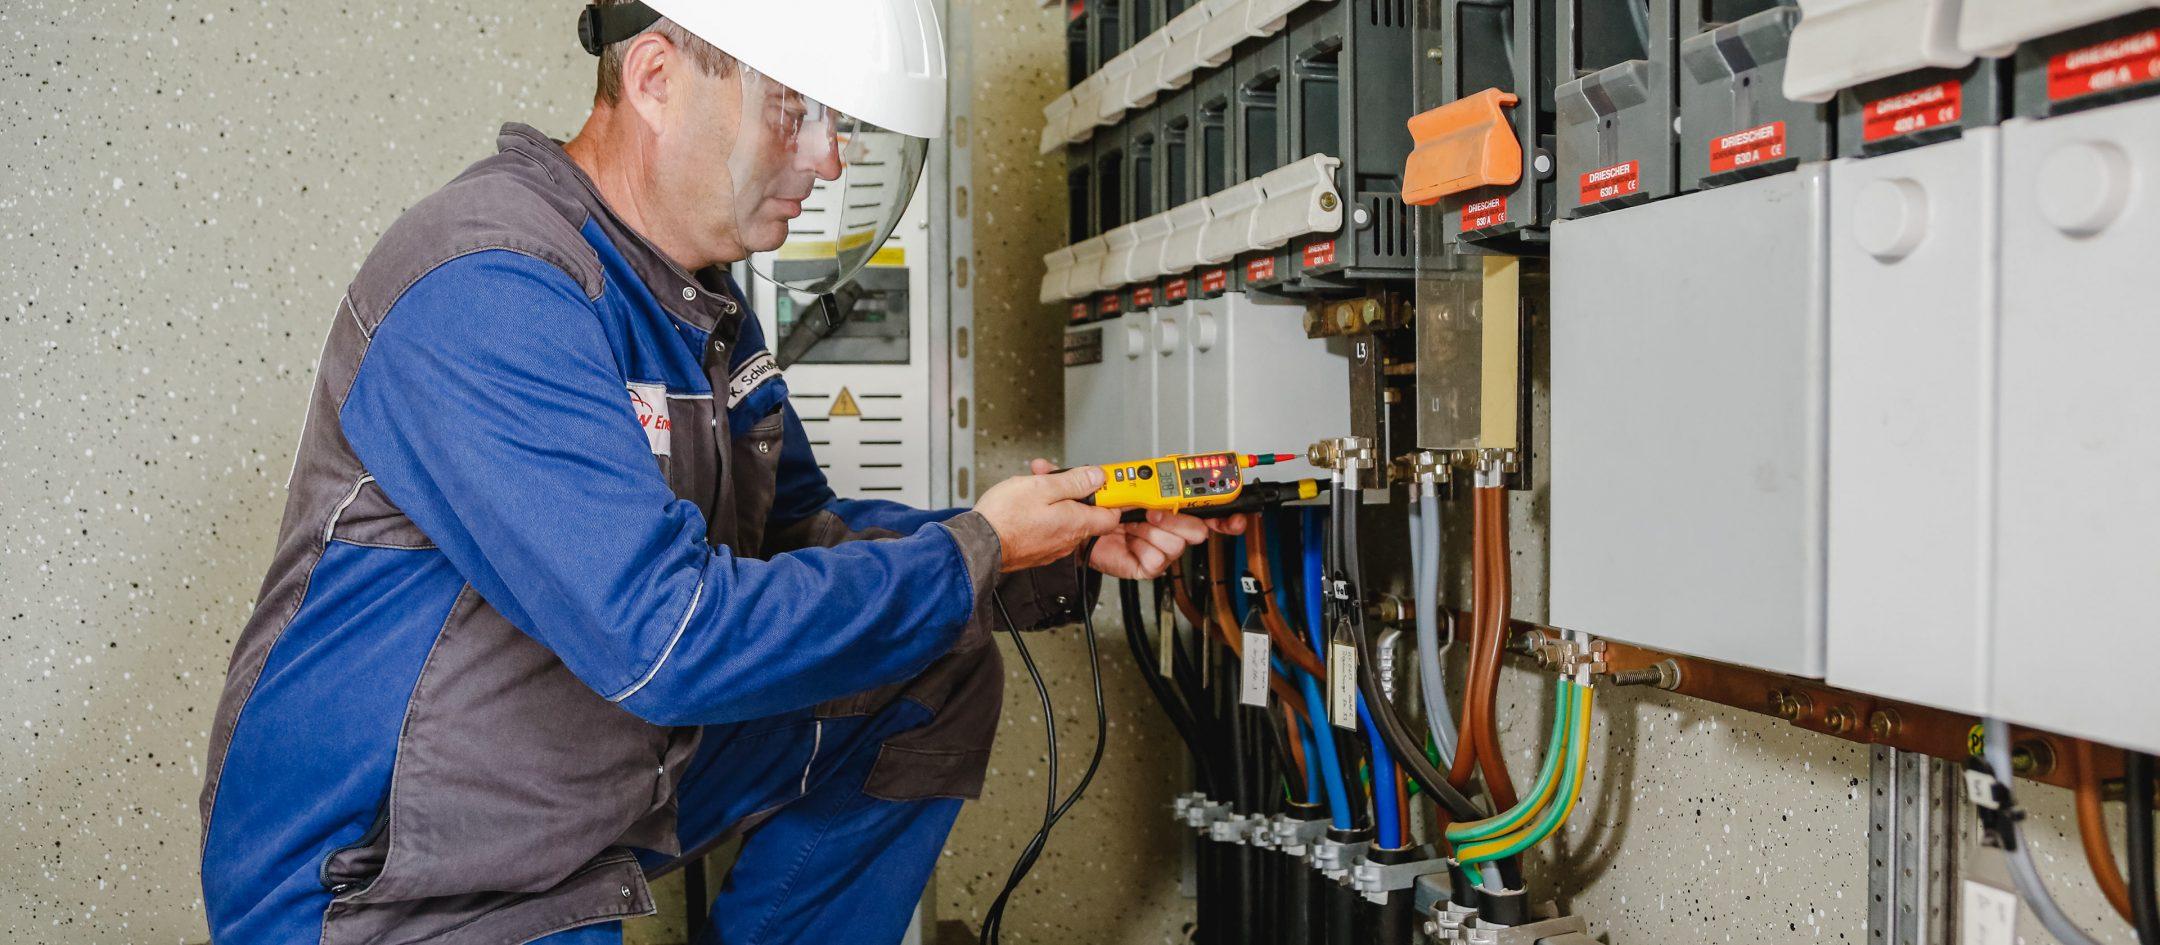 karriere-stromanbieter-elektroinstallateur-uezw-energie-netz-3840x1730